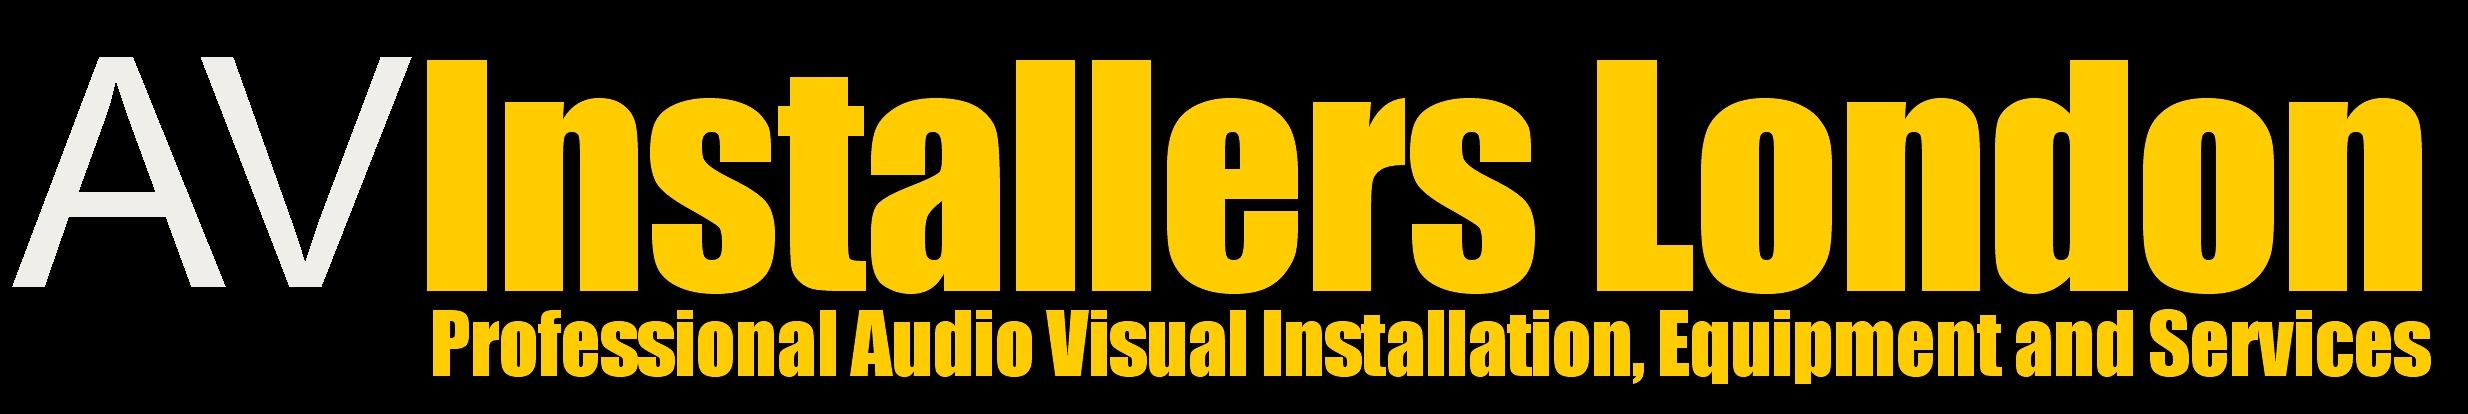 AV Installers London logo